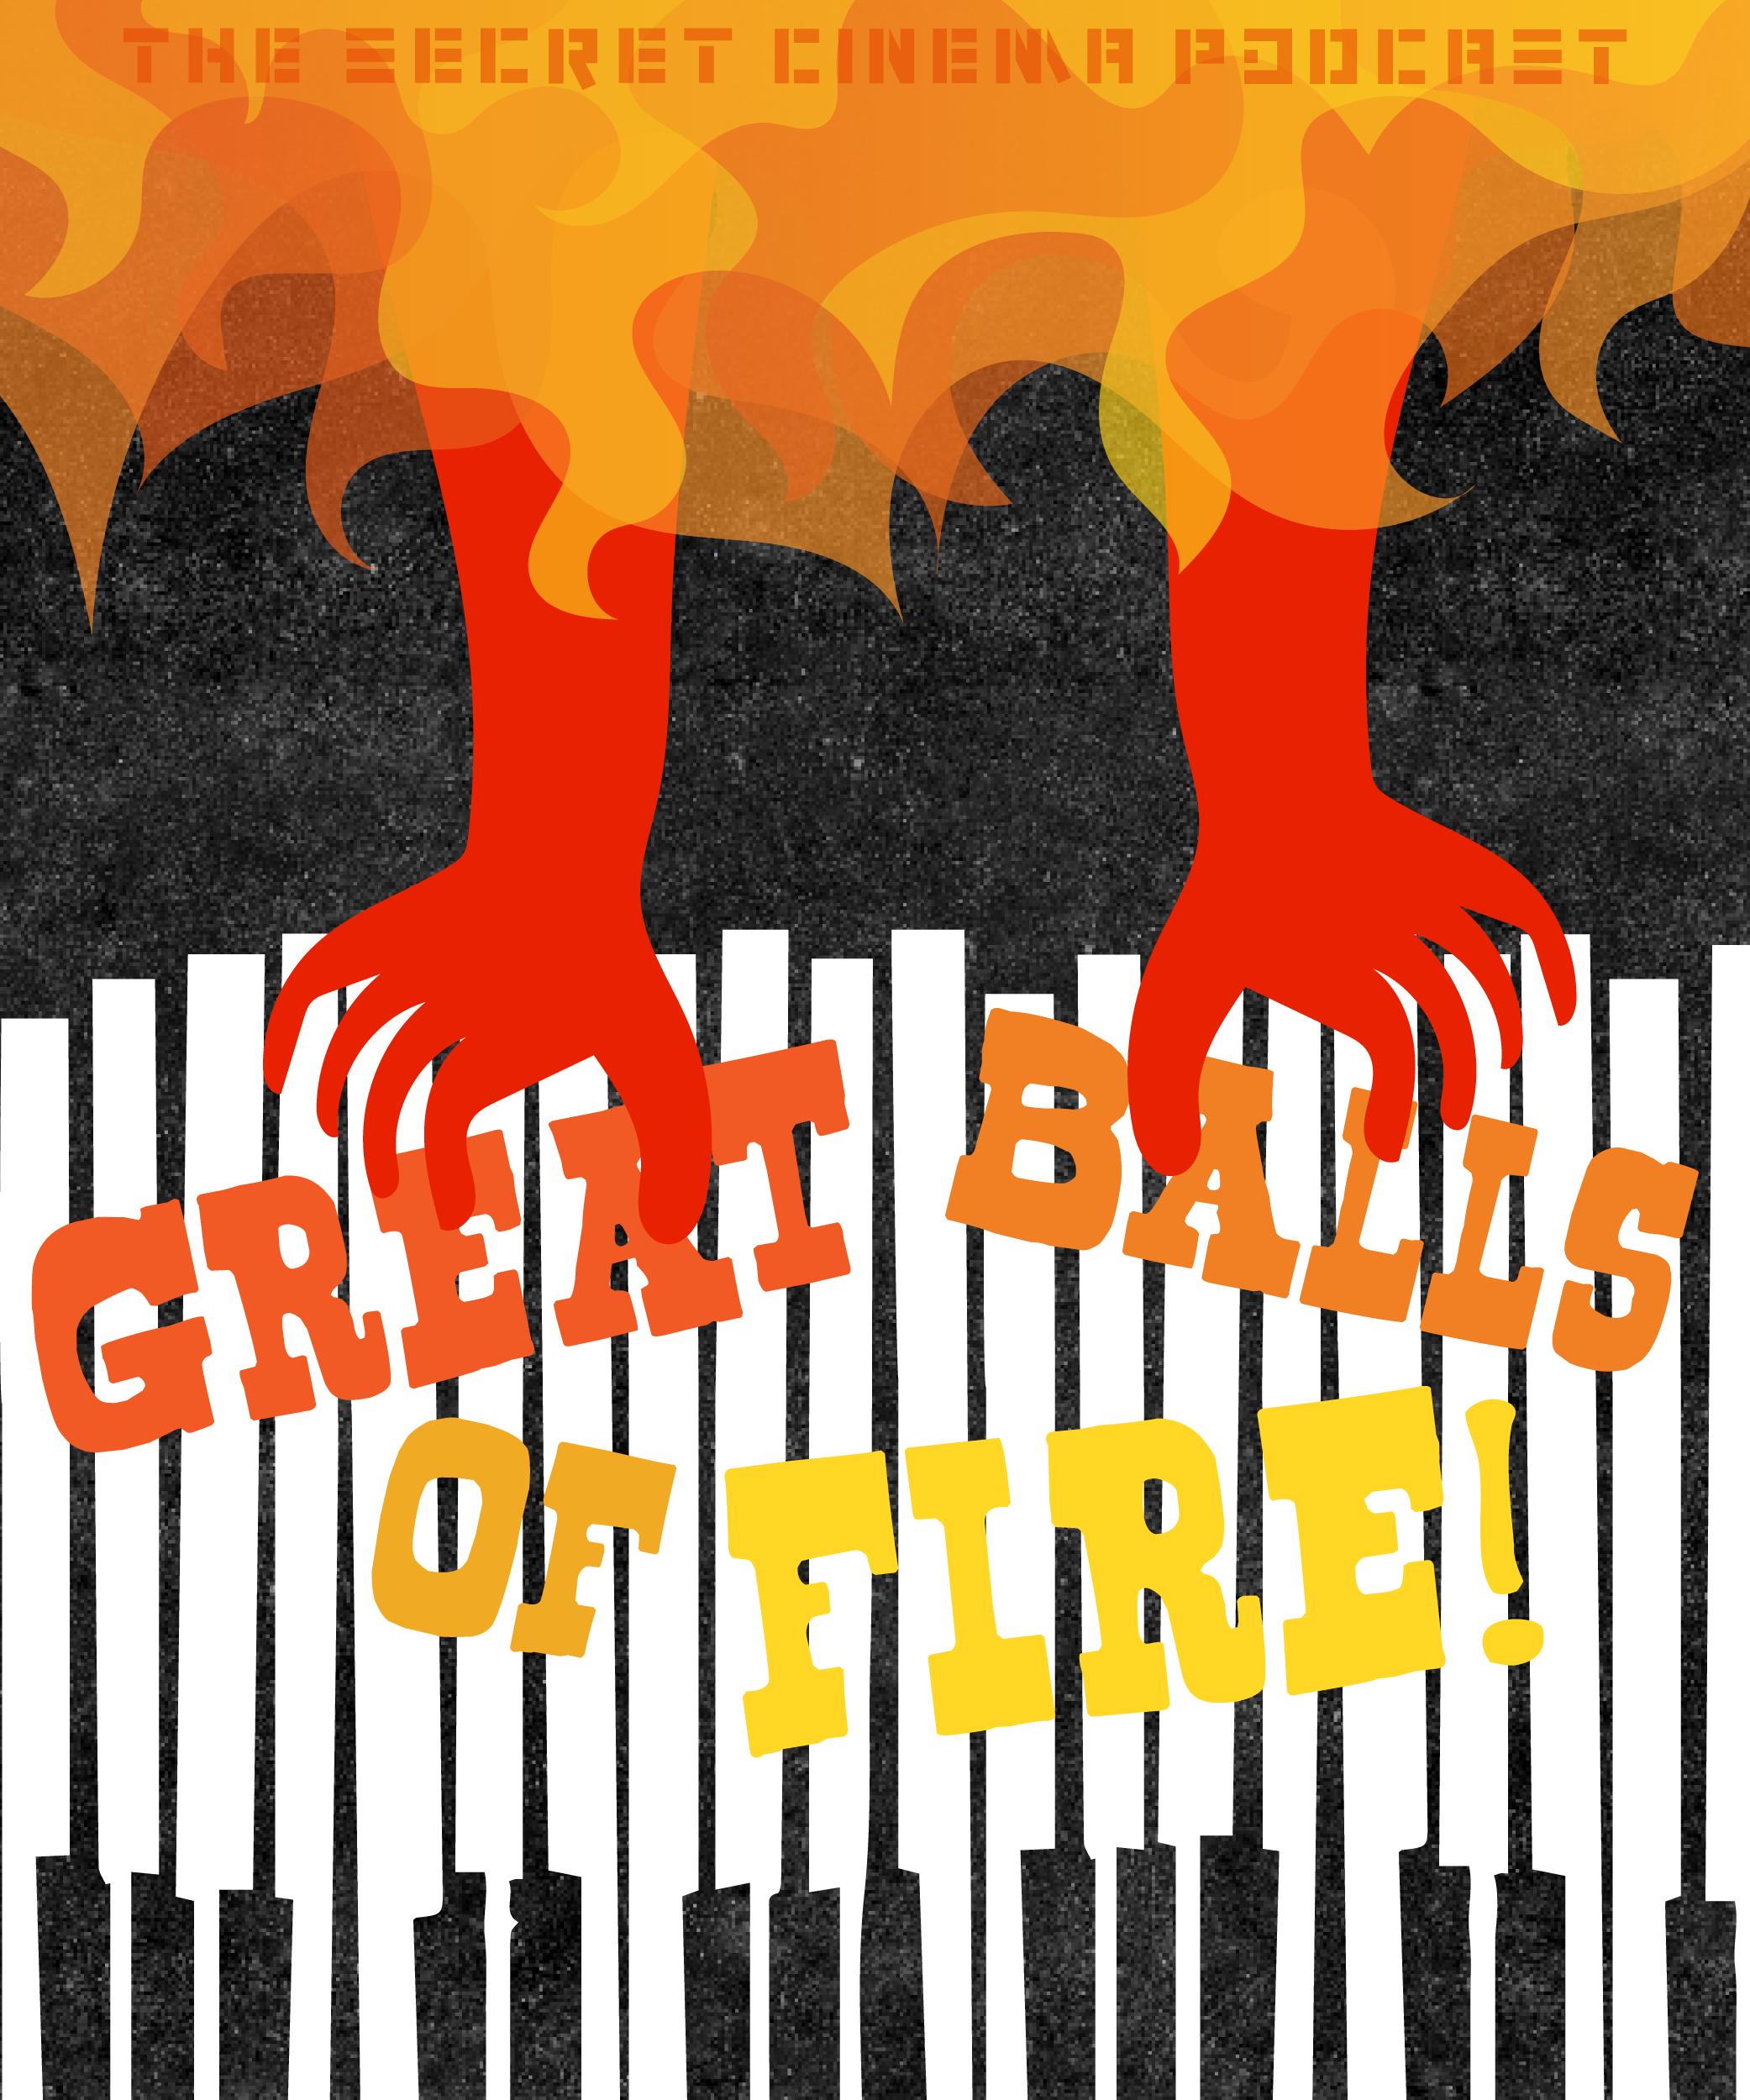 greatballs-01.png